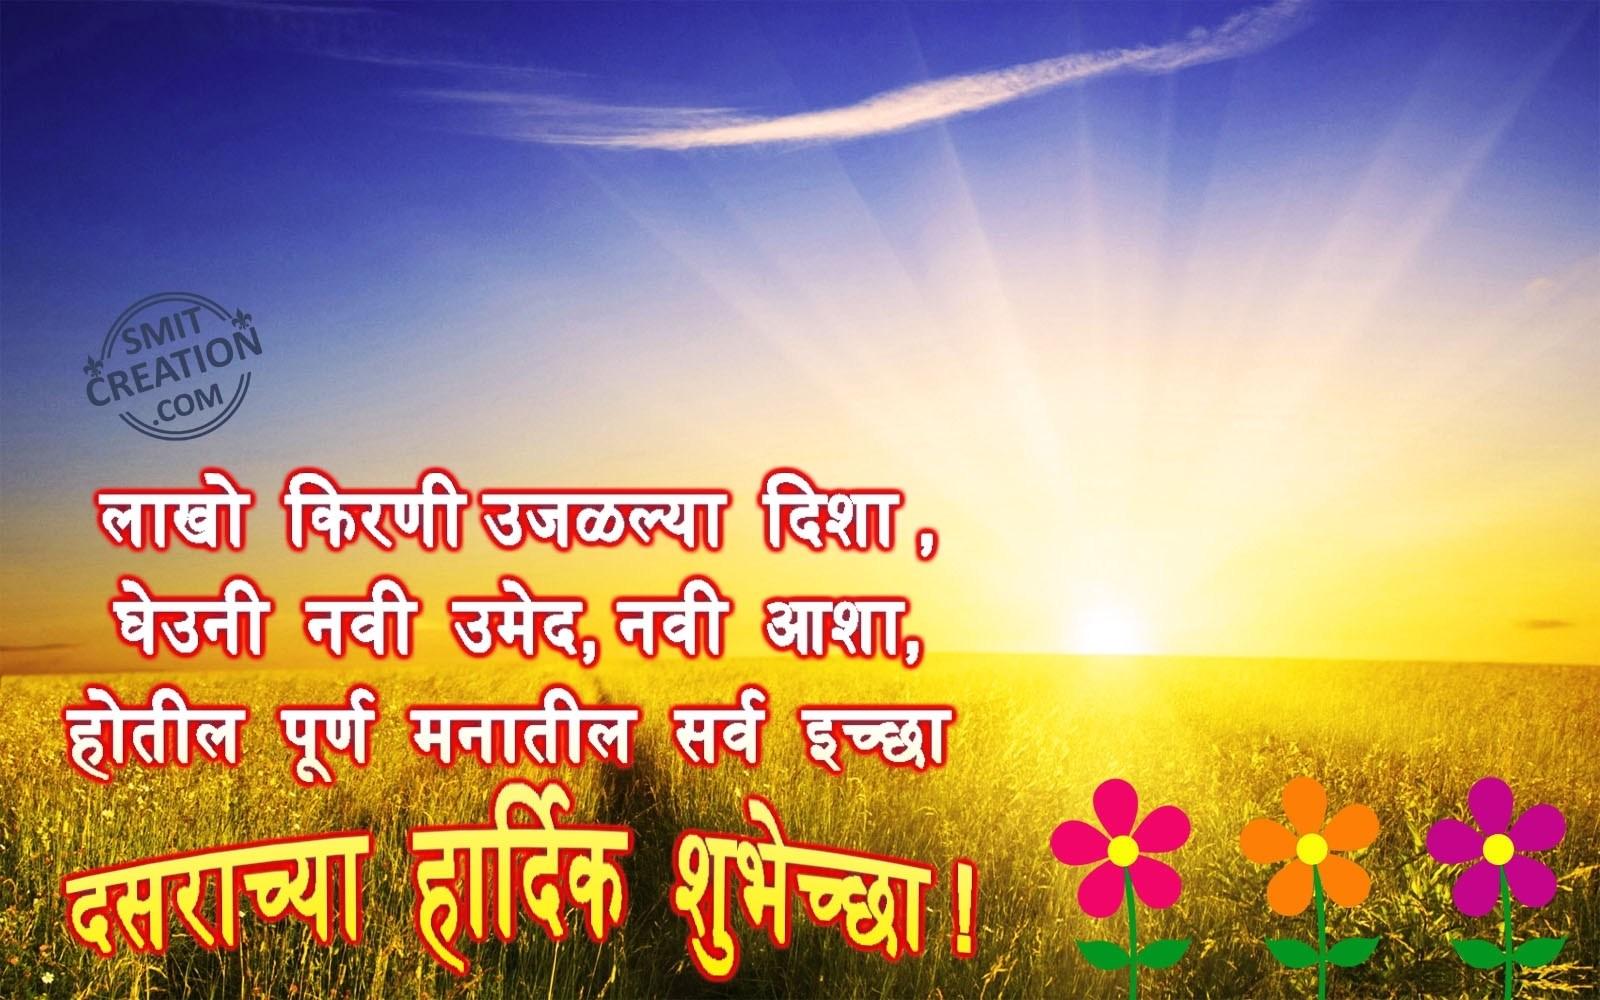 Dasara Pictures and Graphics - SmitCreation.com Vadhdivas Chya Hardik Shubhechha